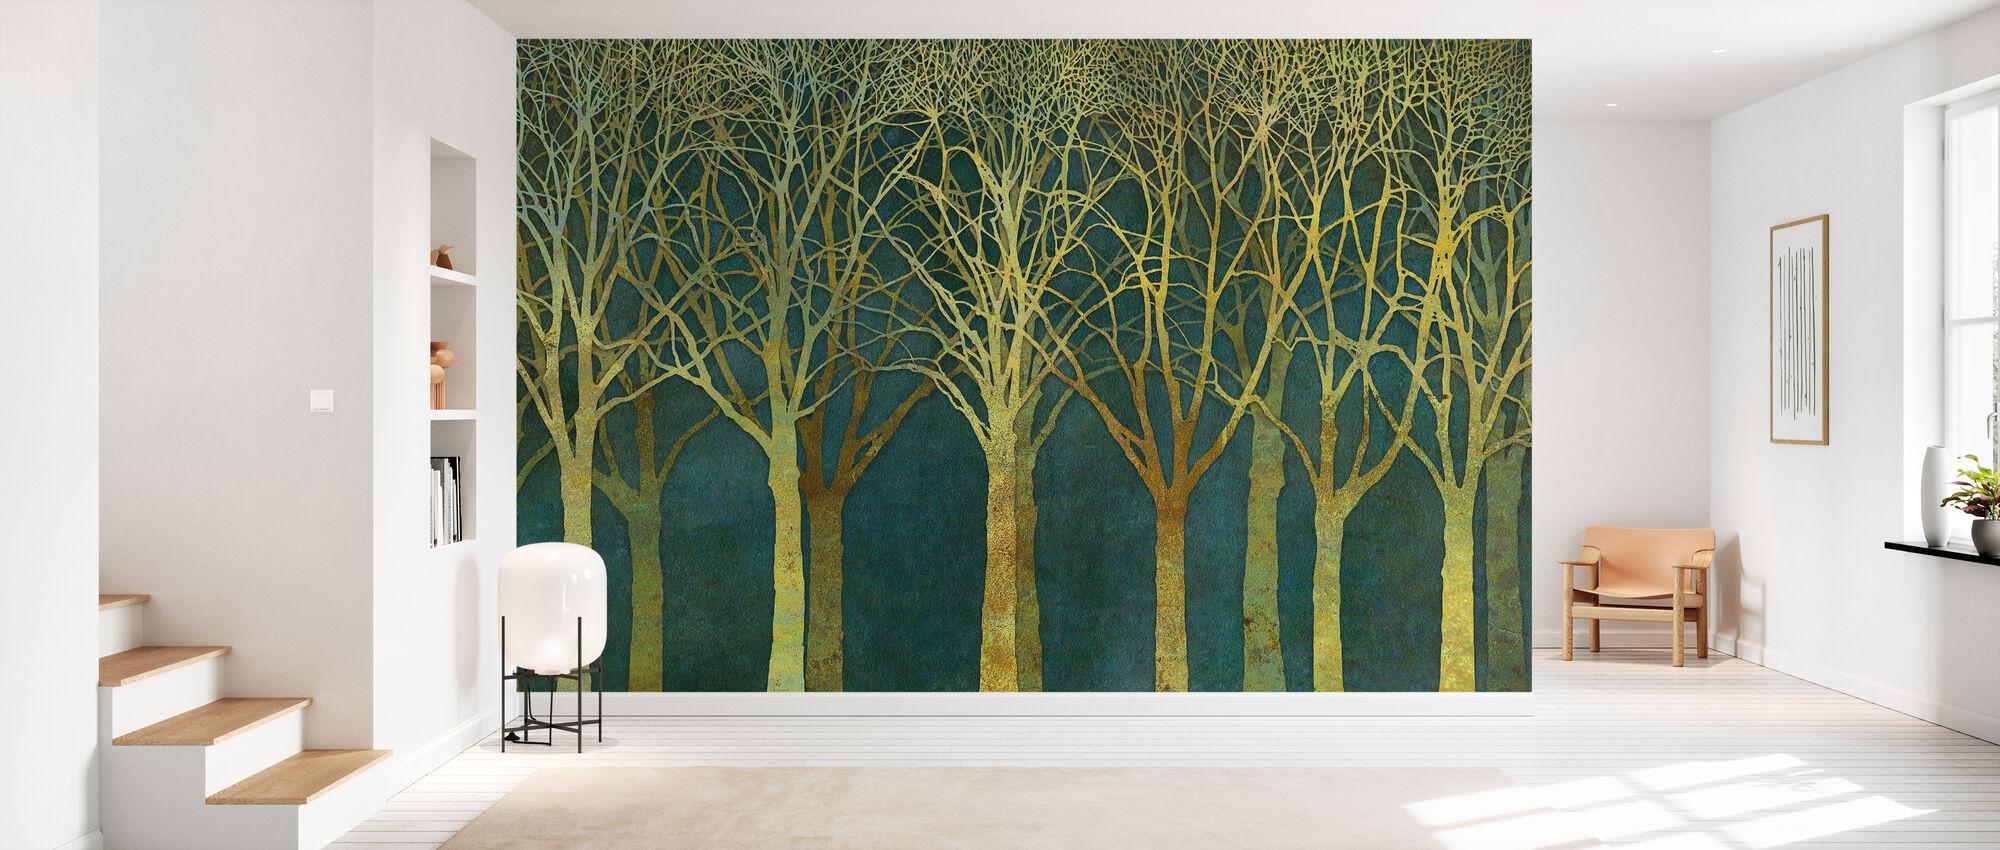 Birch Grove Golden Light - Wallpaper - Hallway